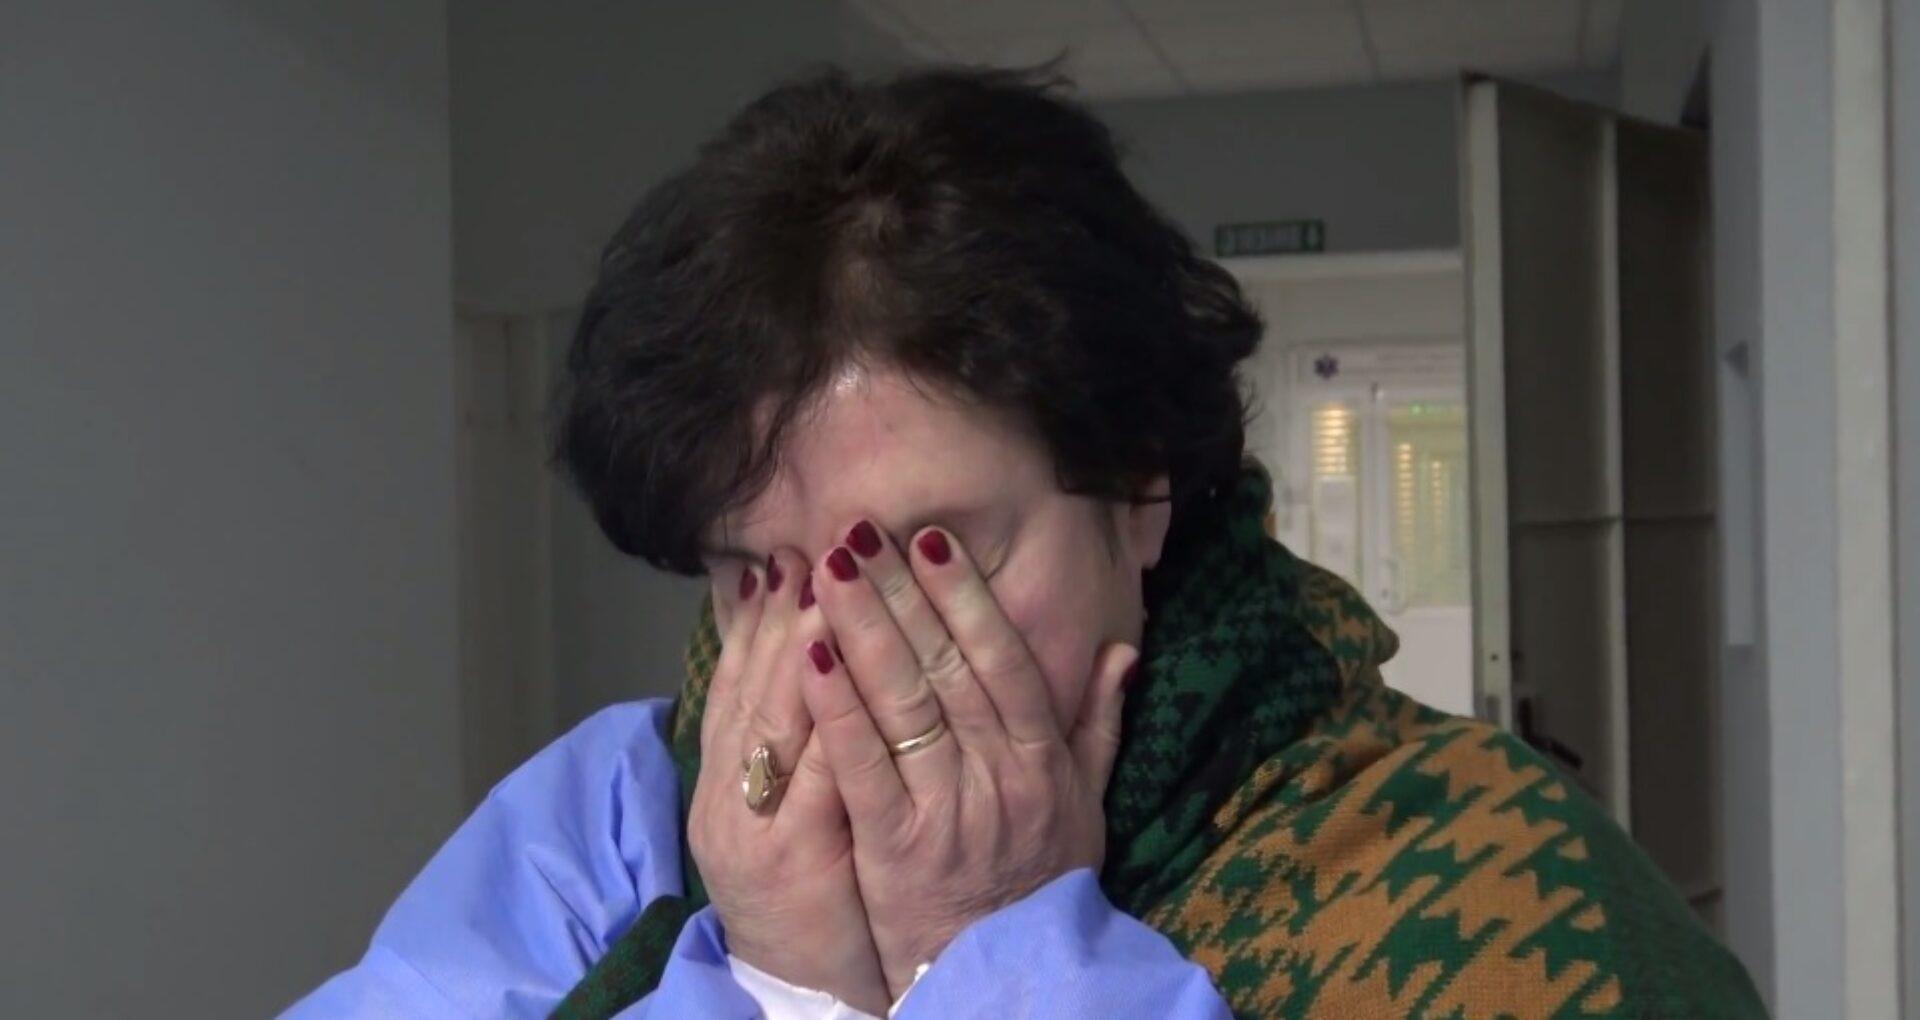 (VIDEO) Familia tânărului omorât în bătaie la Mingir a decis să doneze organele acestuia